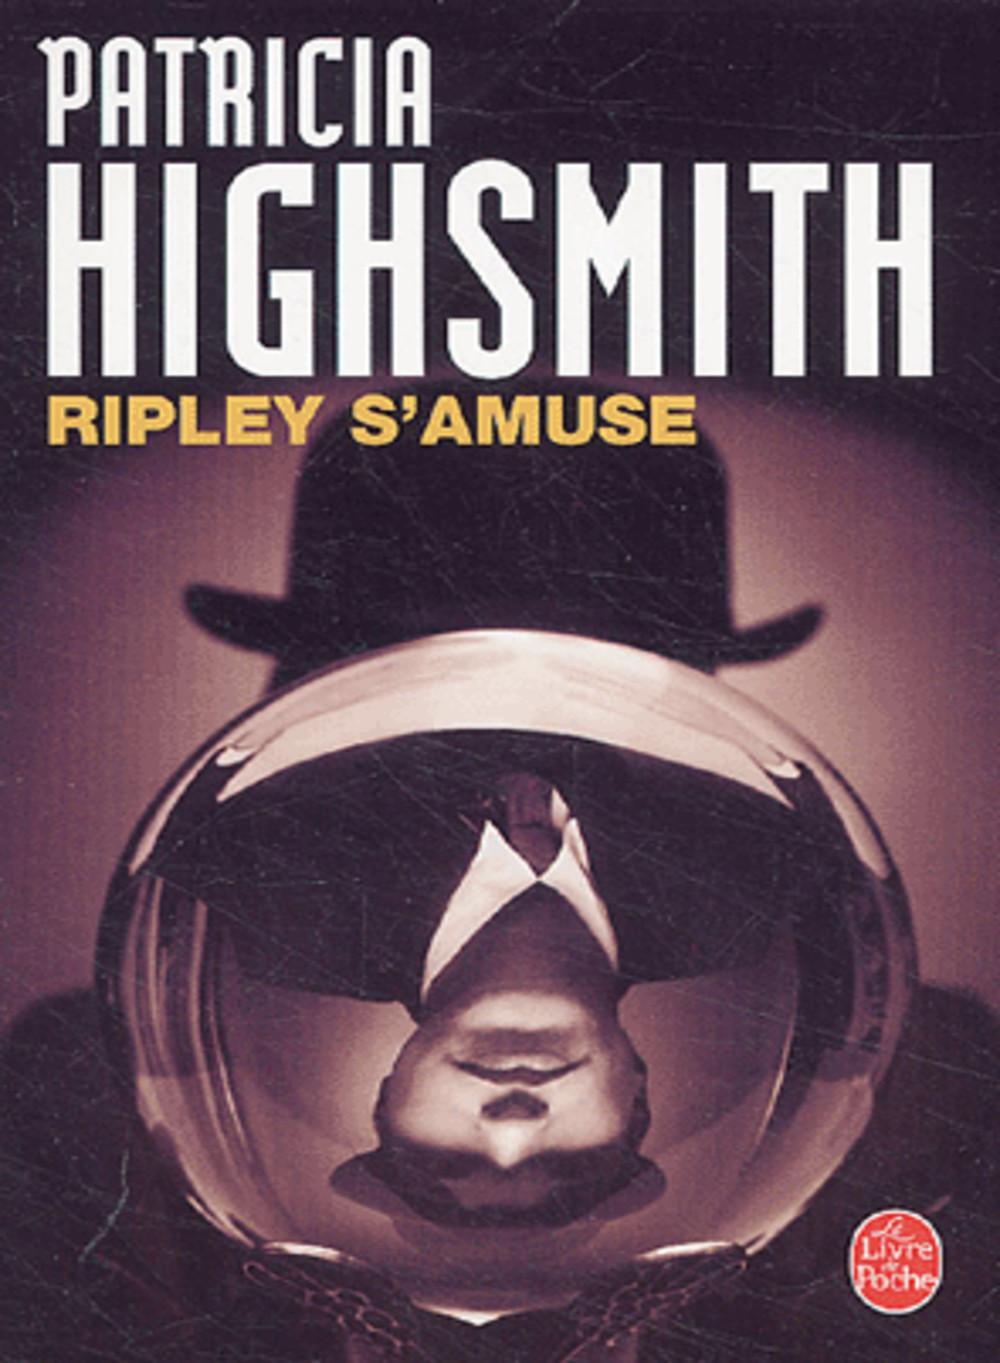 Ripley s'amuse, Highsmith, Patricia